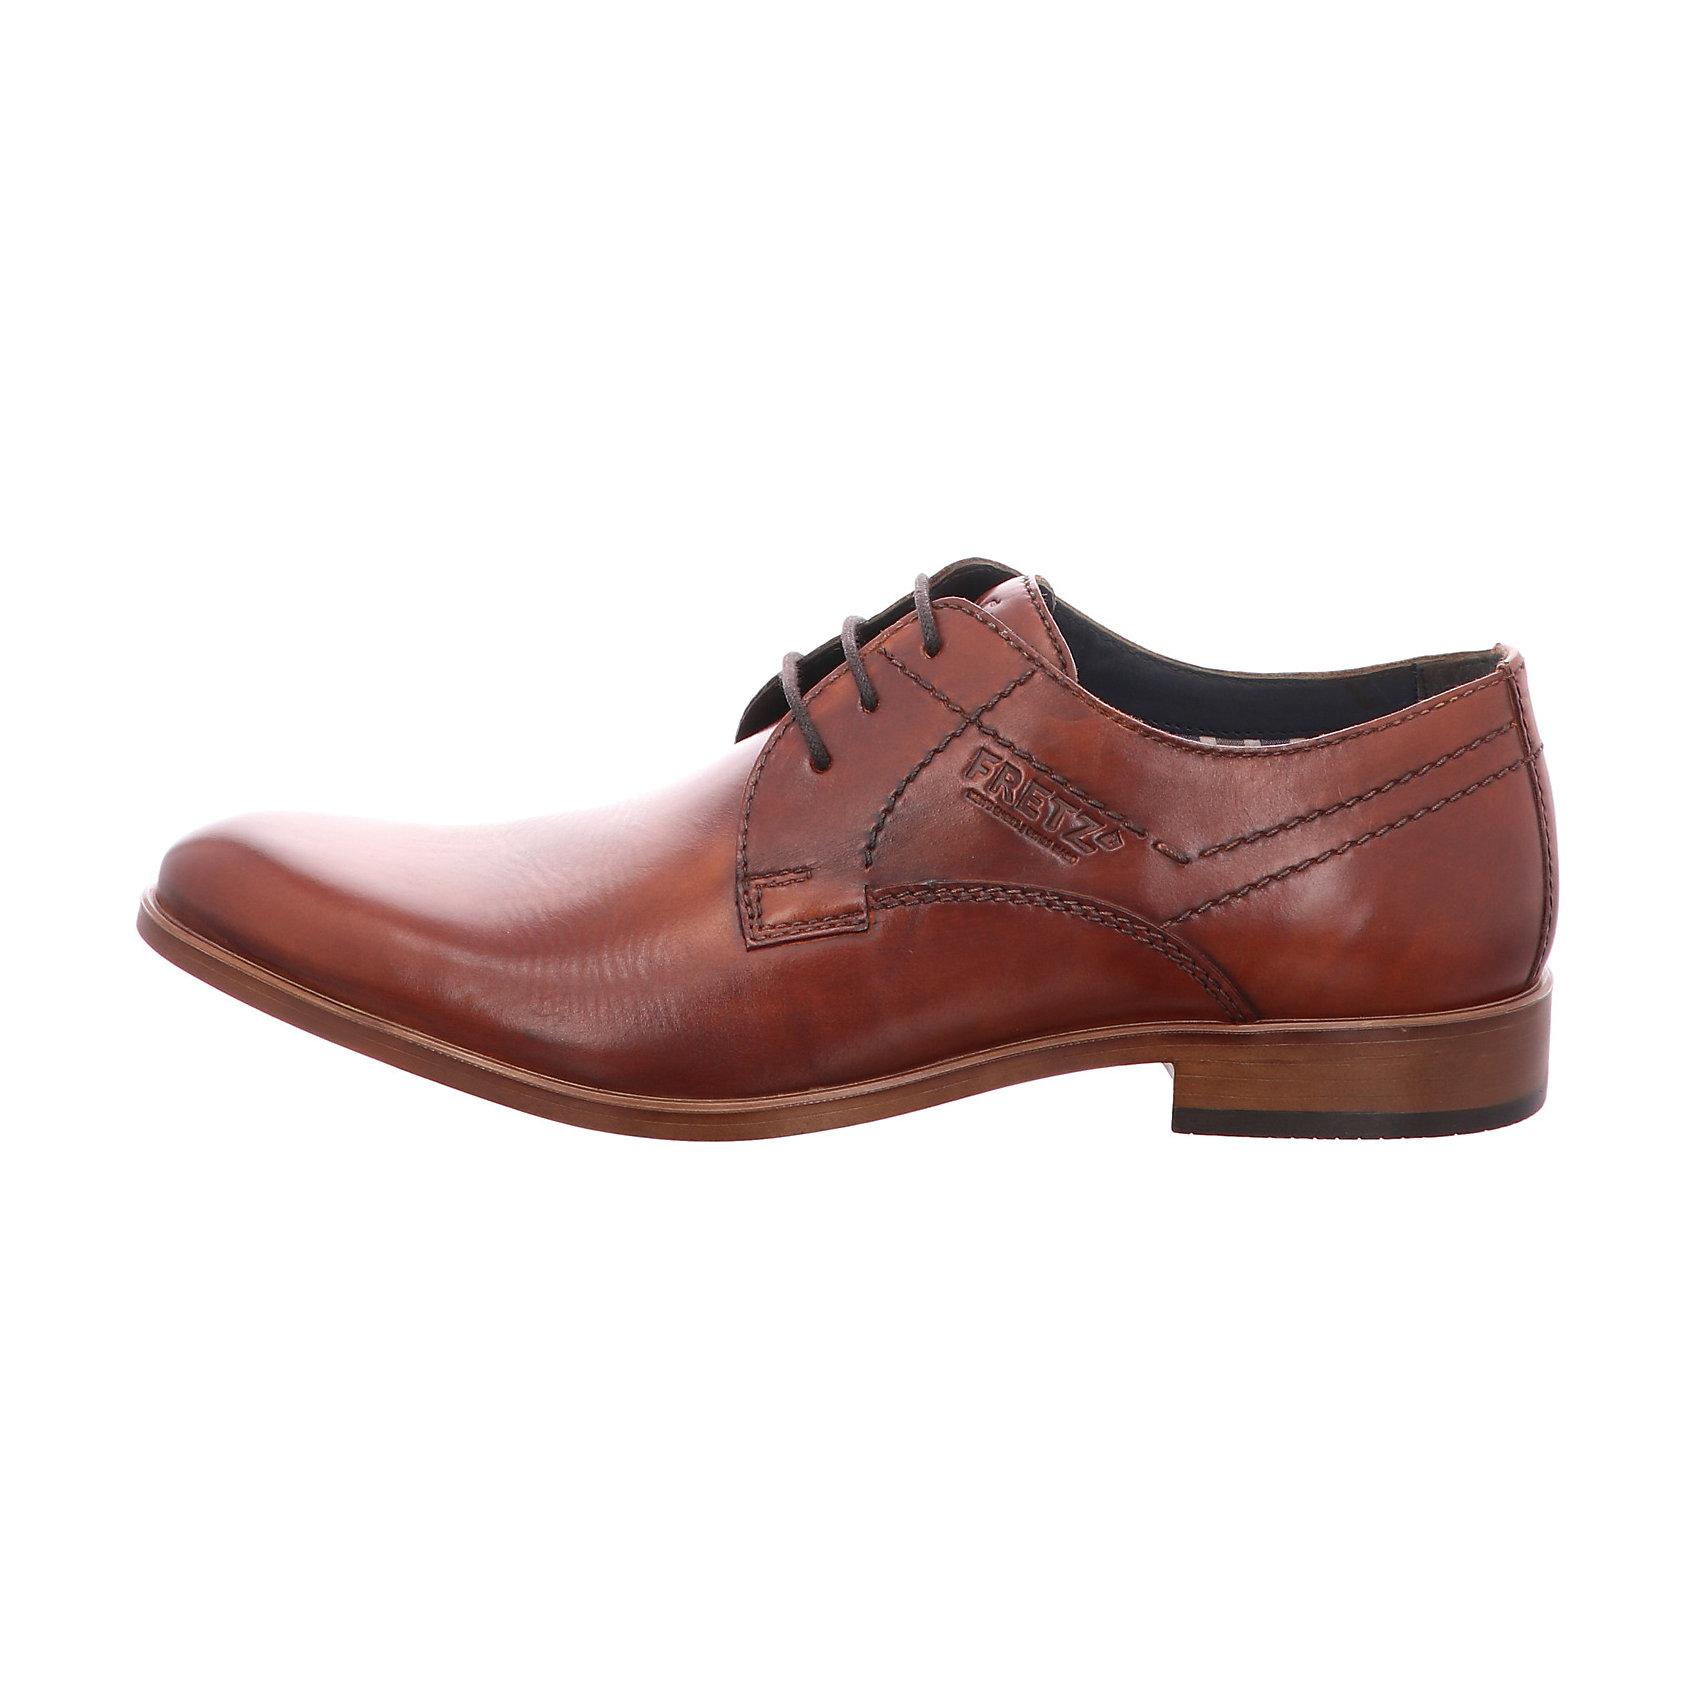 Details zu Neu FRETZ men Oskar Business Schuhe 7226047 für Herren braun dunkelbraun